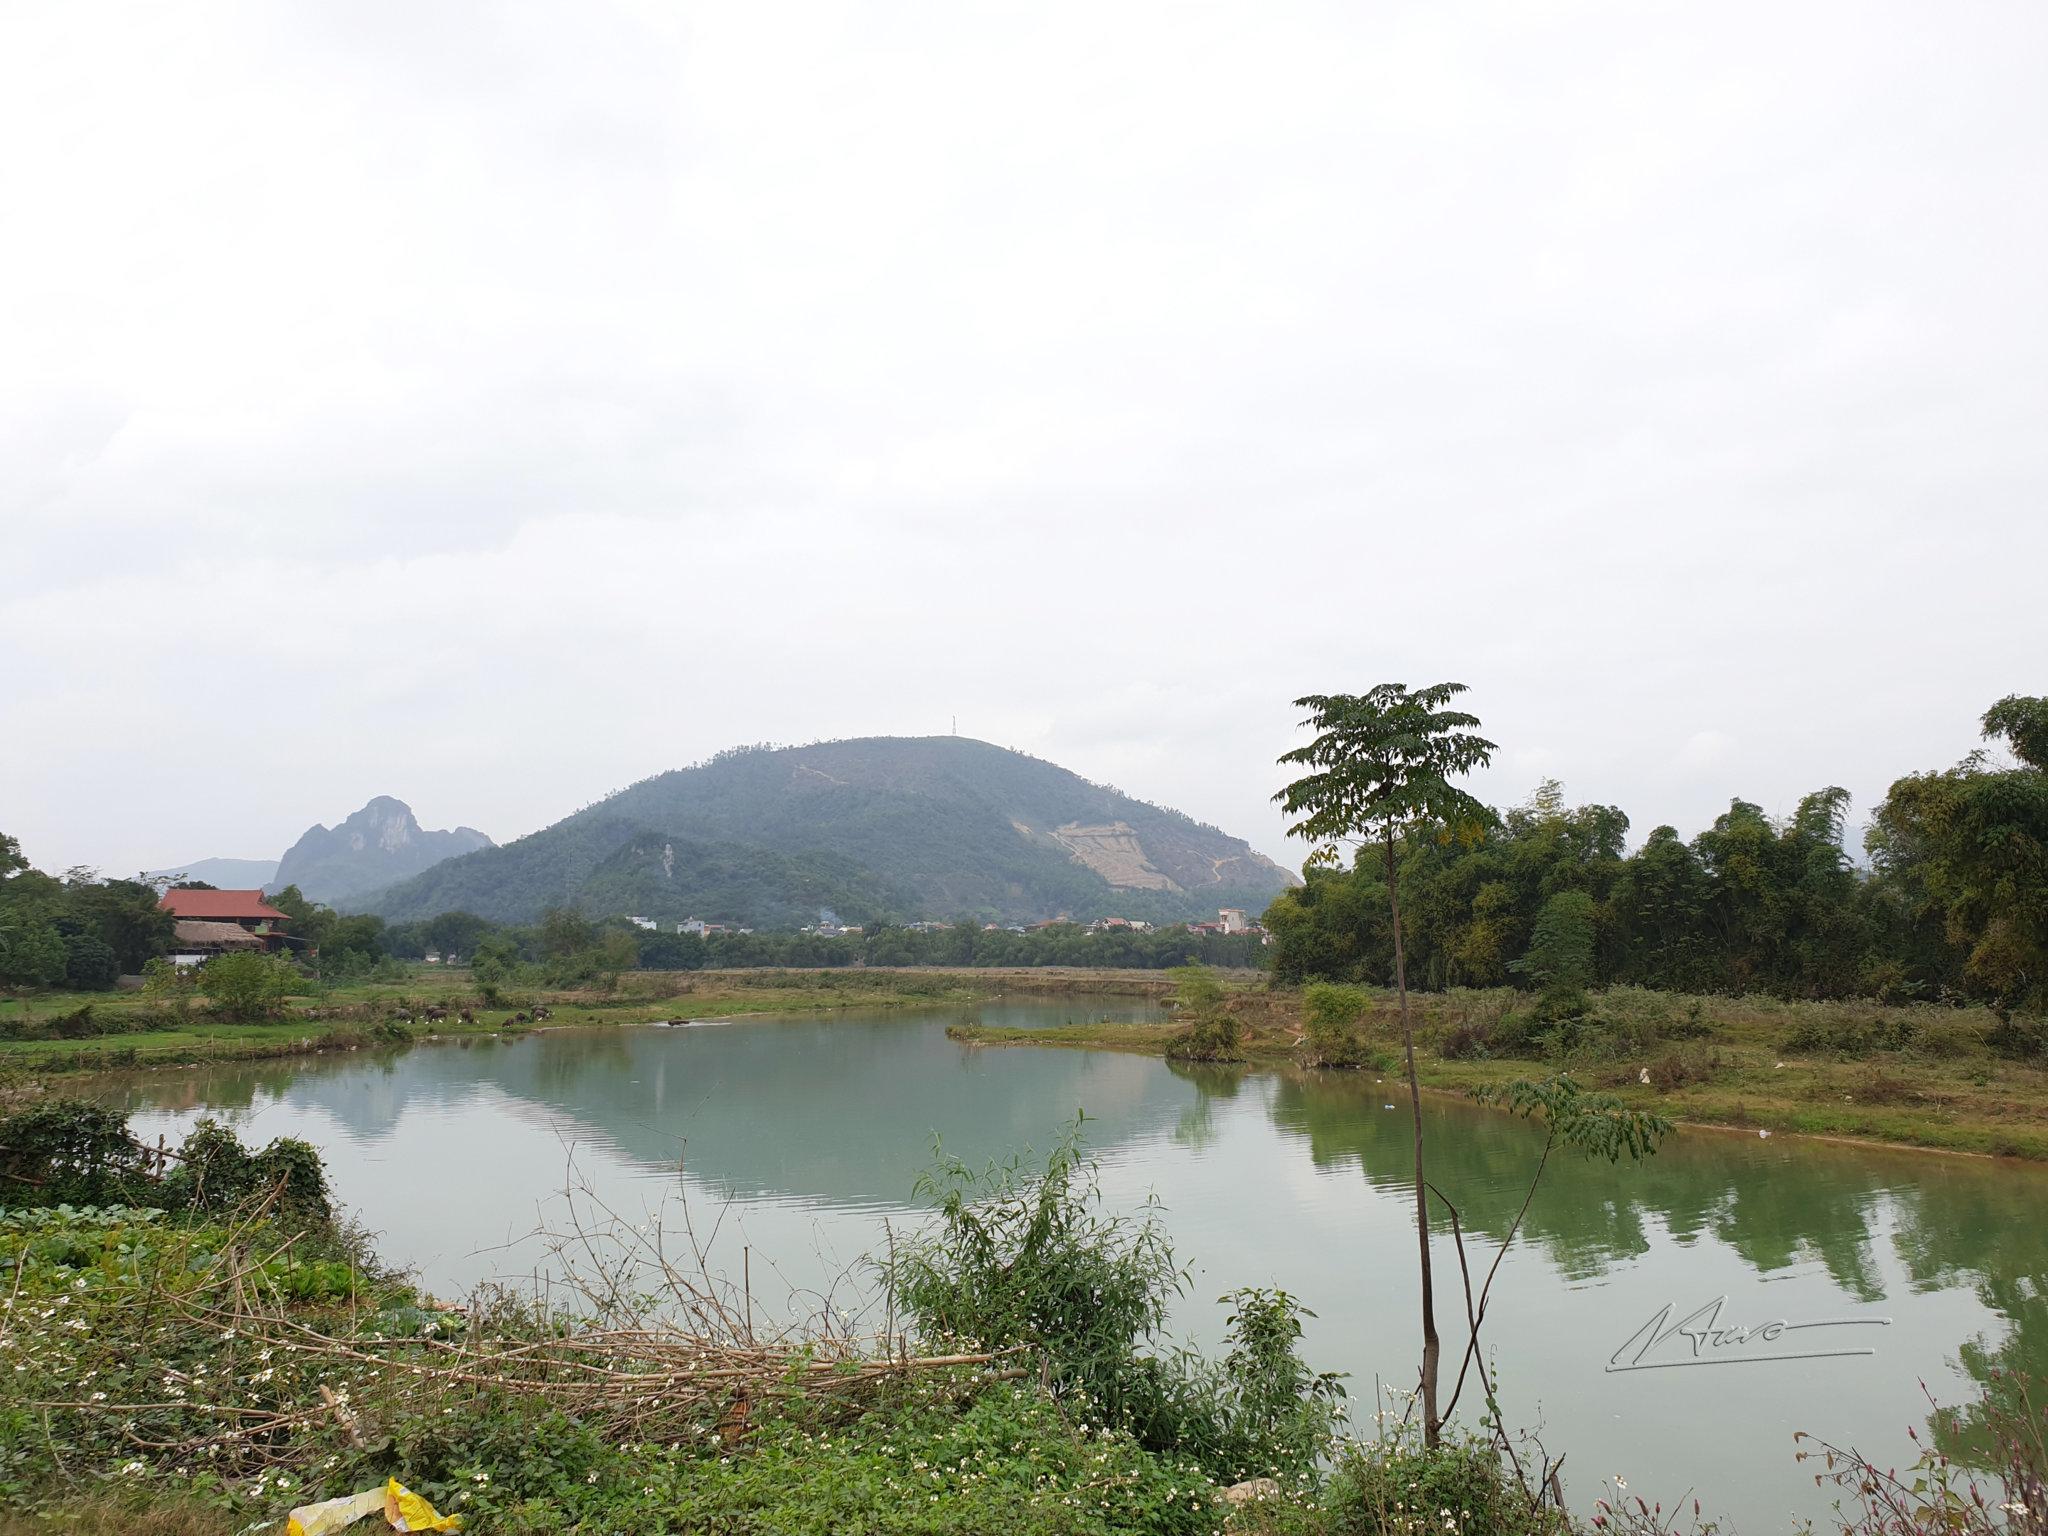 TVH's pic - Bai Lang, Luong Son, Hoa Binh - 030120 (11).jpg